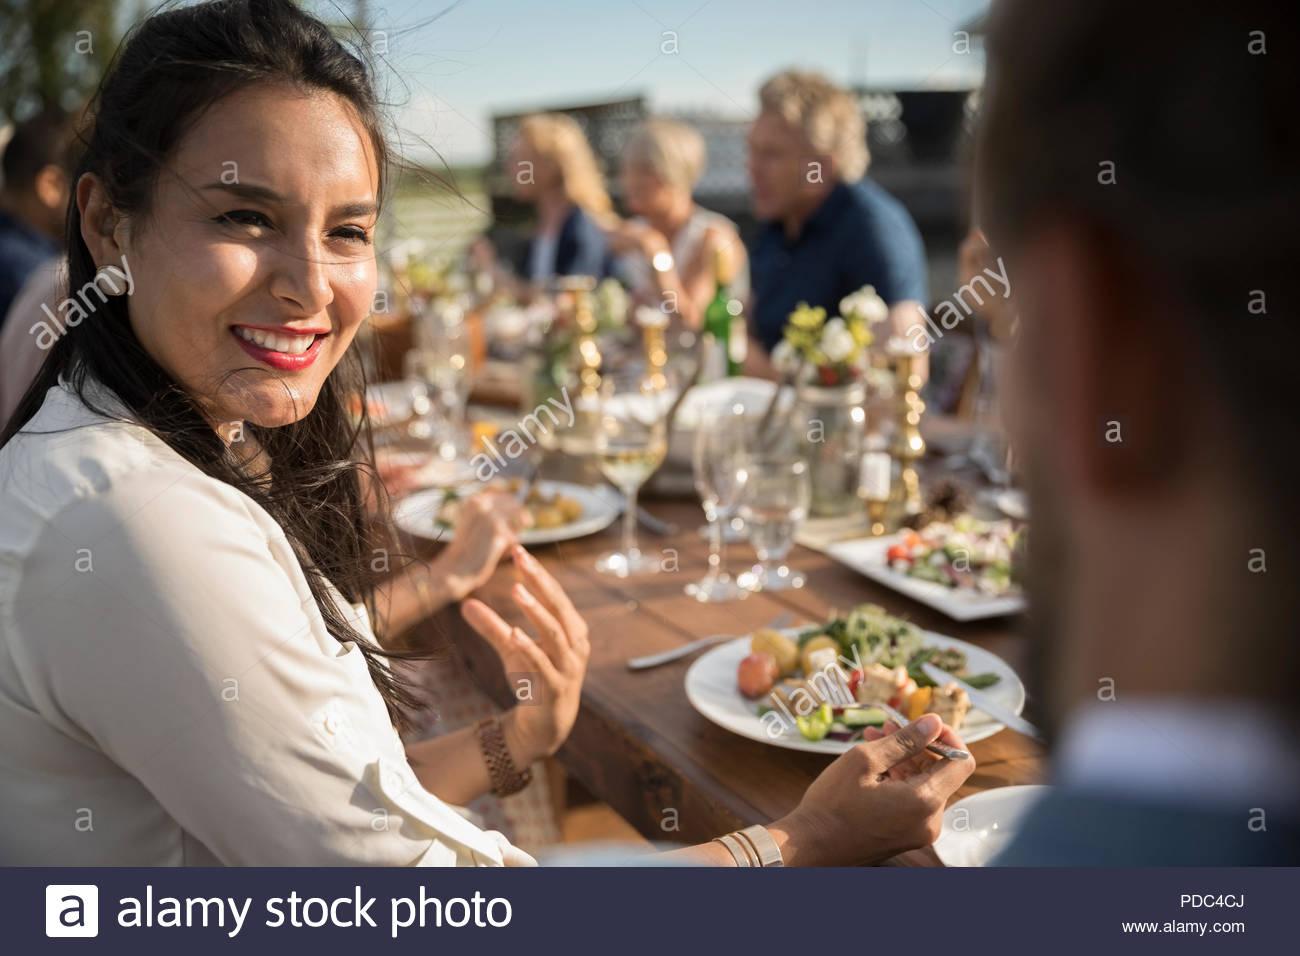 Lächelnde Frau, Essen und Sprechen mit Freund bei Sunny Garden Party Mittagessen Stockbild